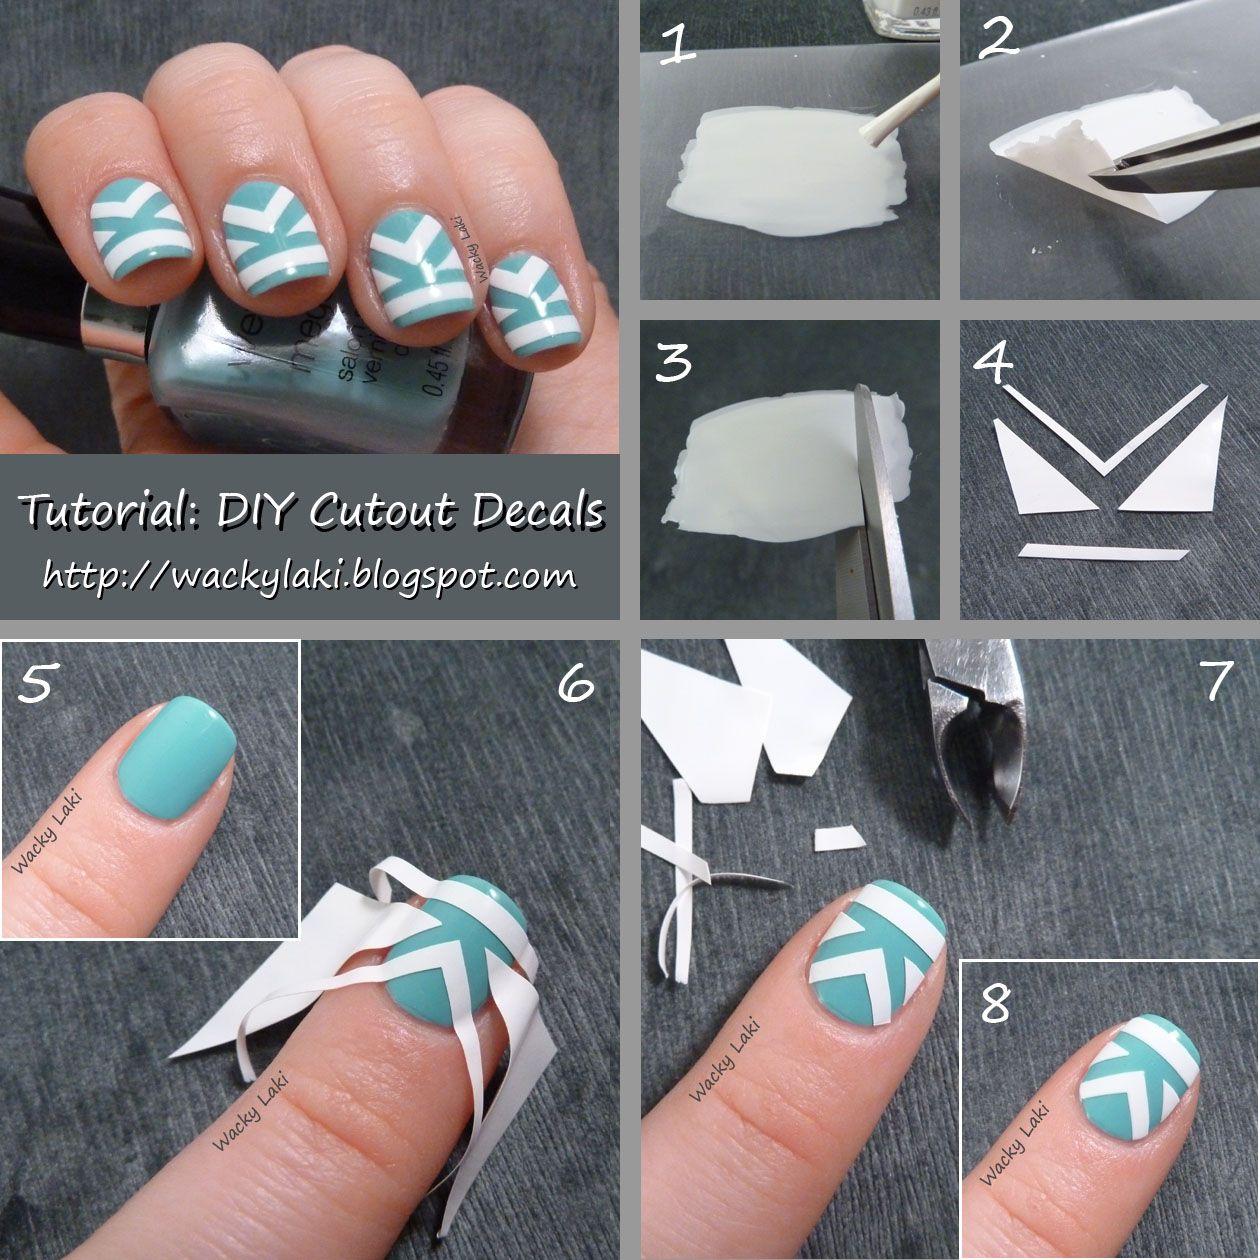 Nail decals using a ziplock bag | Nails! | Pinterest | Nail decals ...